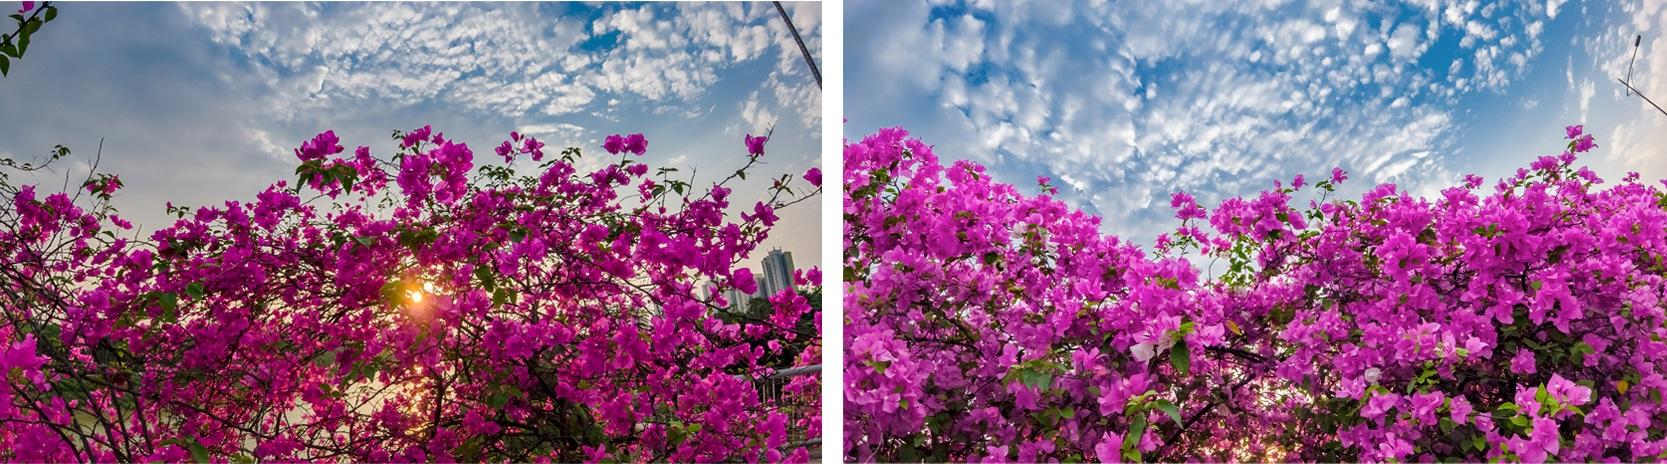 Ngắm thành phố xanh Ecopark đẹp mê mẩn trong mùa hoa giấy - 12